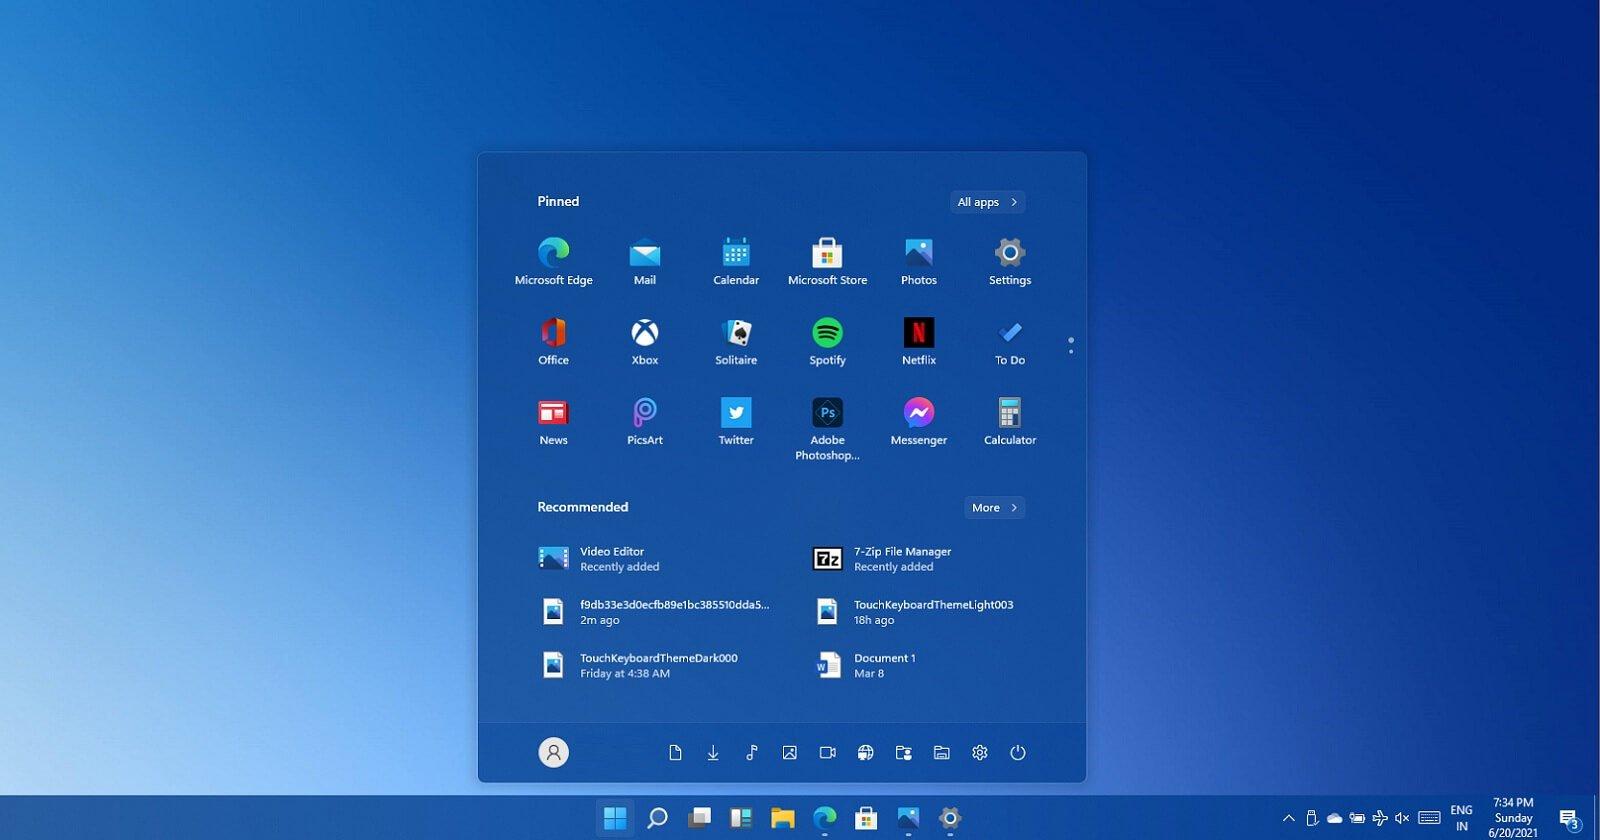 ویندوز ۱۱ با ژستهای لمسی و پنجره پاپآپ صدای جدید از راه میرسد